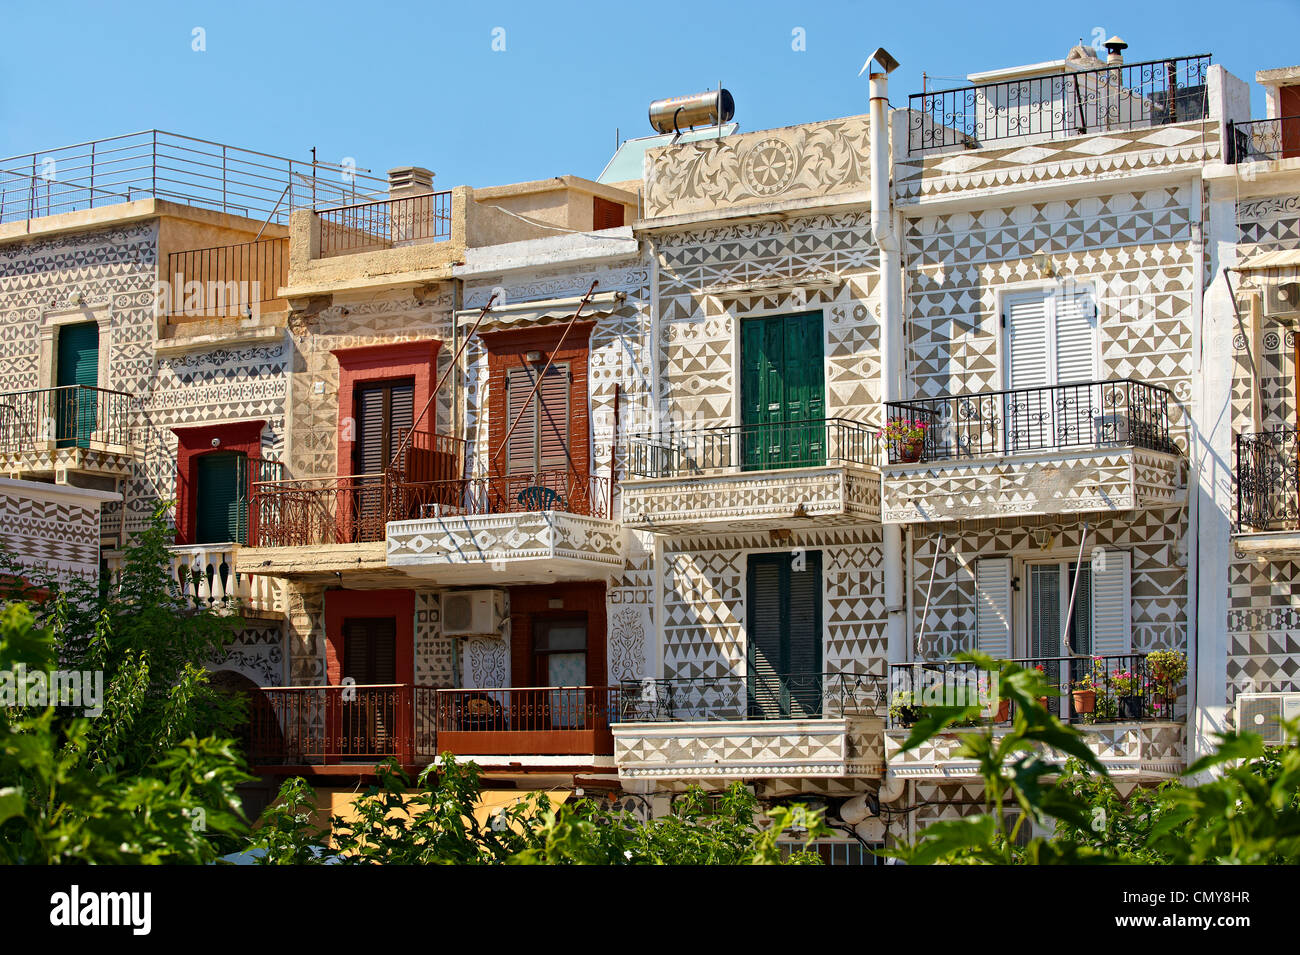 Xysta decorazioni sulle case di Pygri, mastice villaggio del sud dell'isola di Chios, Grecia Immagini Stock